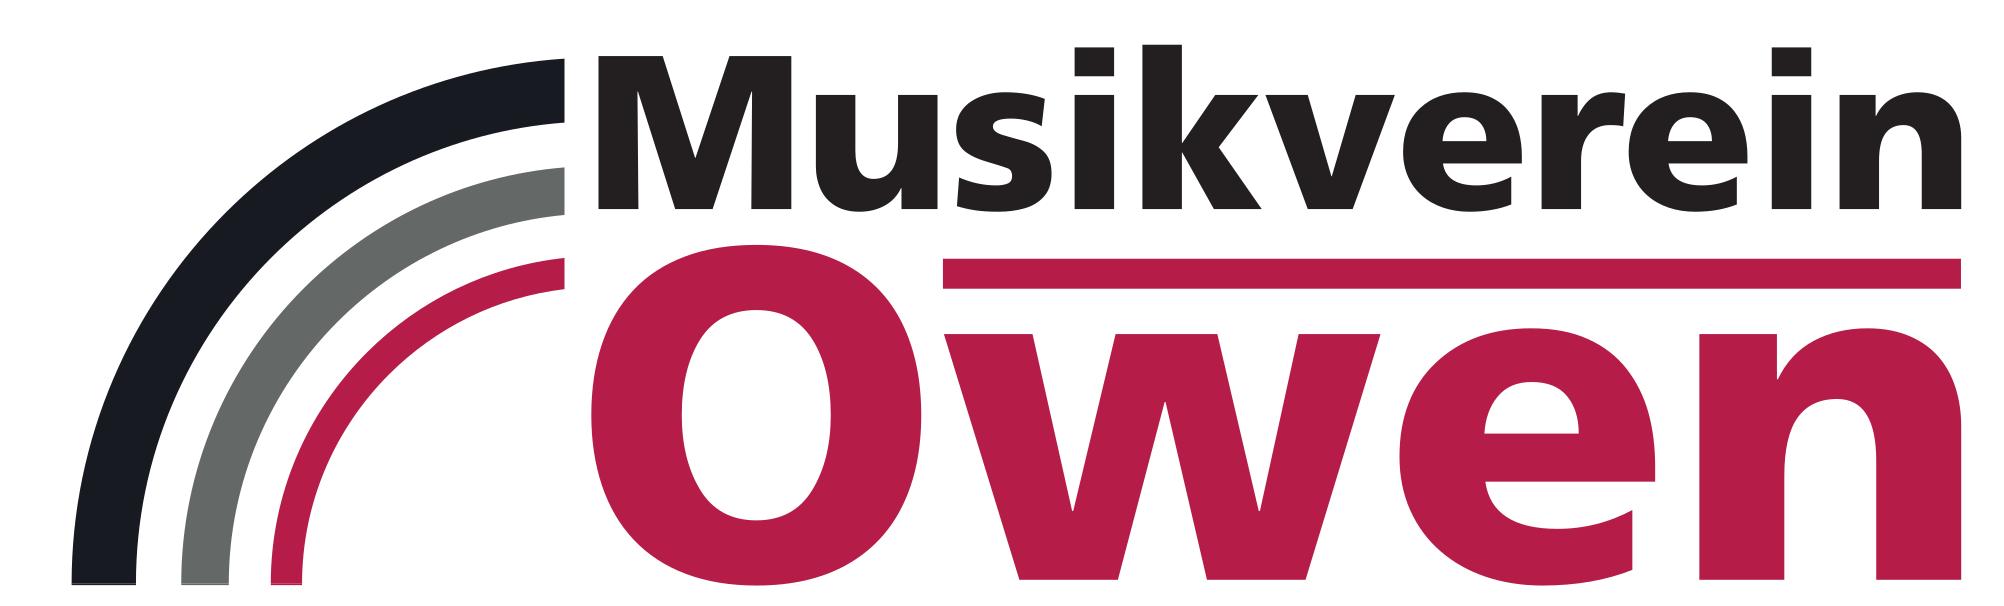 Musikverein Stadtkapelle Owen/Teck